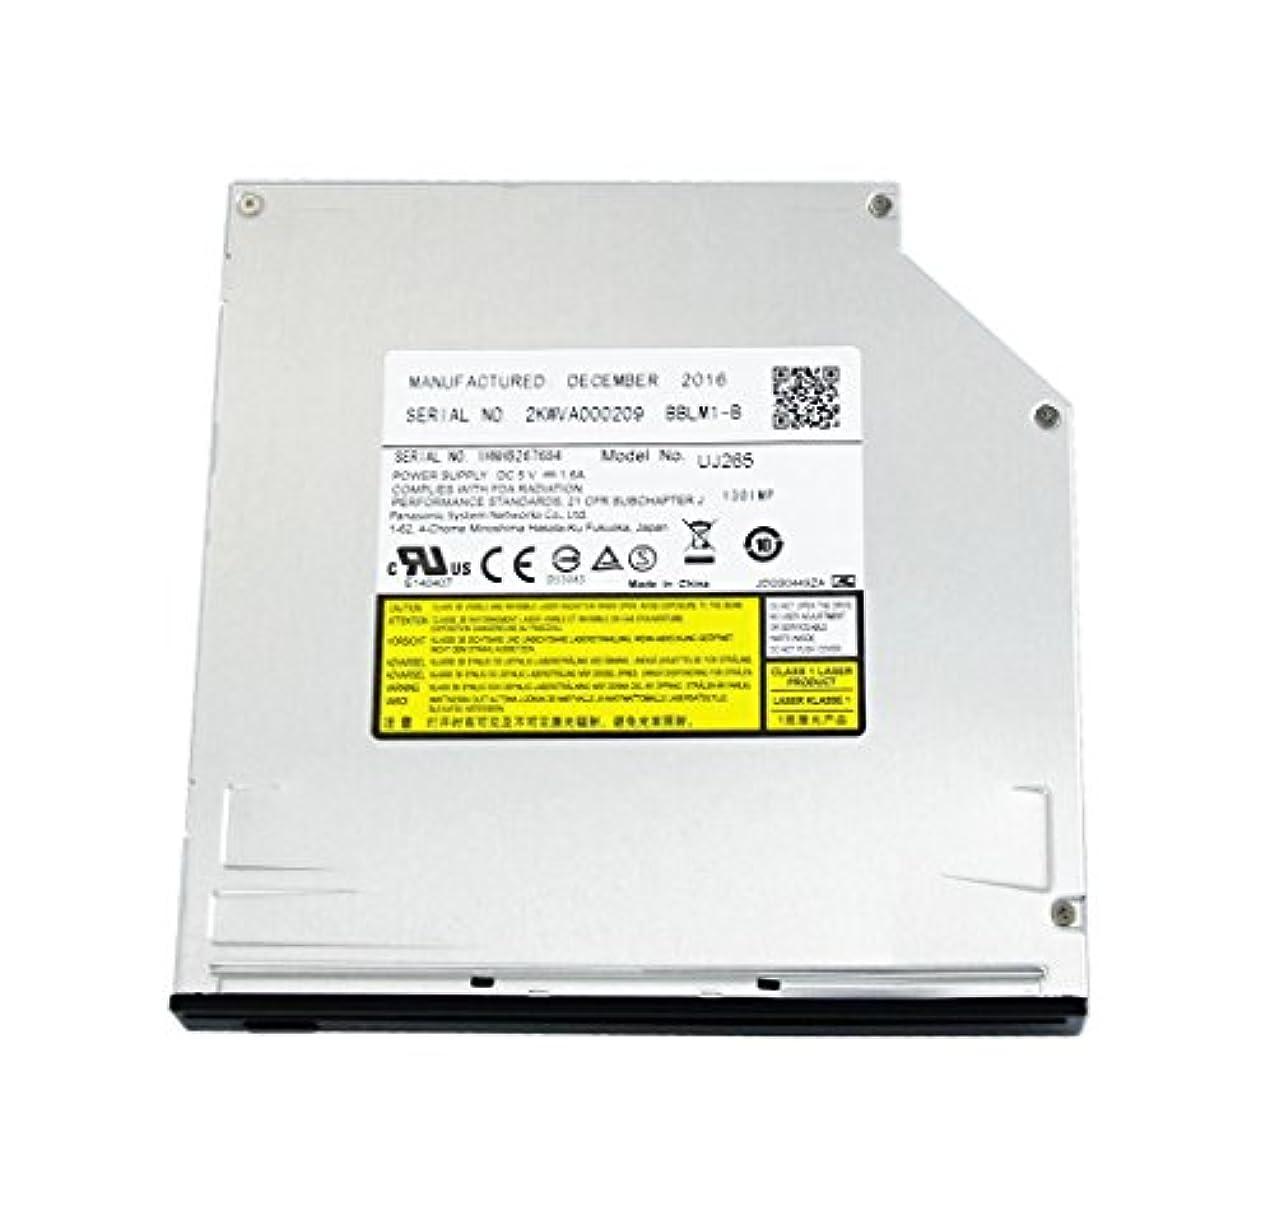 忙しい推進防腐剤6X 3D BD-RE Blu-ray Writer 内蔵光学ドライブ SuperDrive Apple iMac Mid 2011 A1311 A1312 21.5インチ 27インチ オールインワン コンピューター デスクトップ PC 50GB 100GB 4X BDXL ブルーレイディスク デュアルレイヤー 8X DVD RW バーナー用